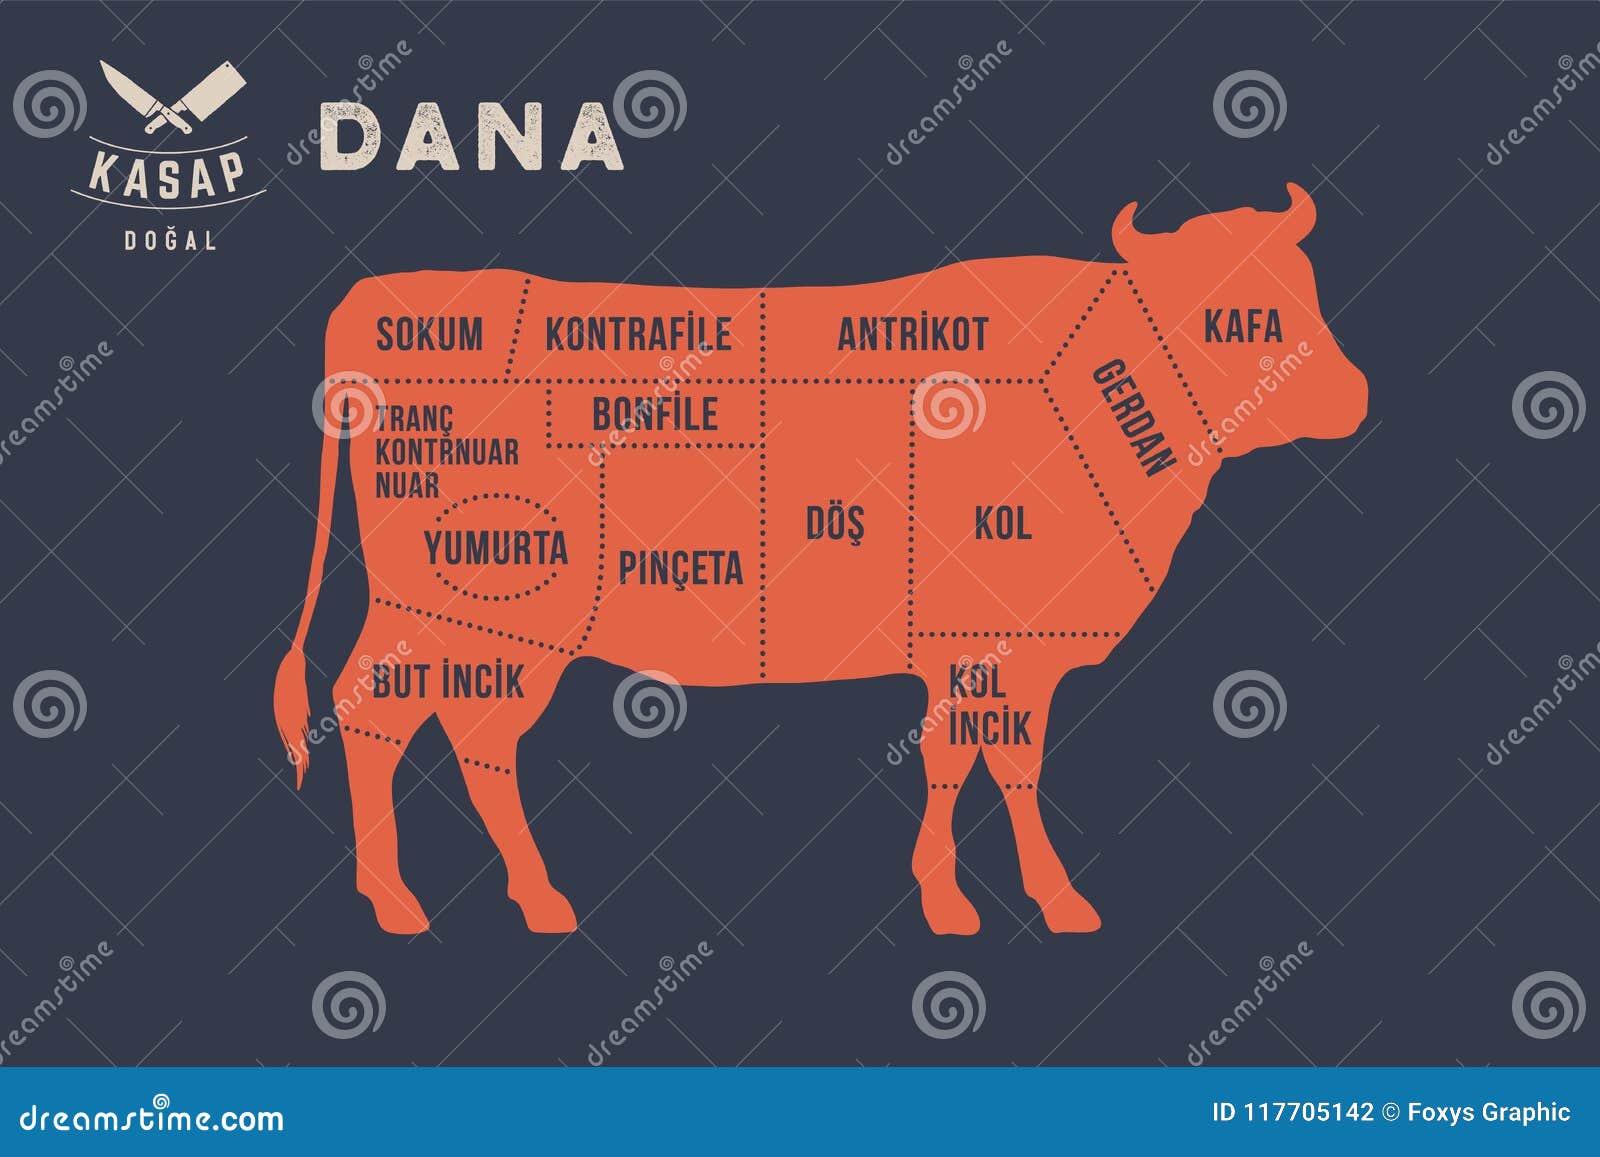 Vleesbesnoeiingen Het diagram van de afficheslager - Dana